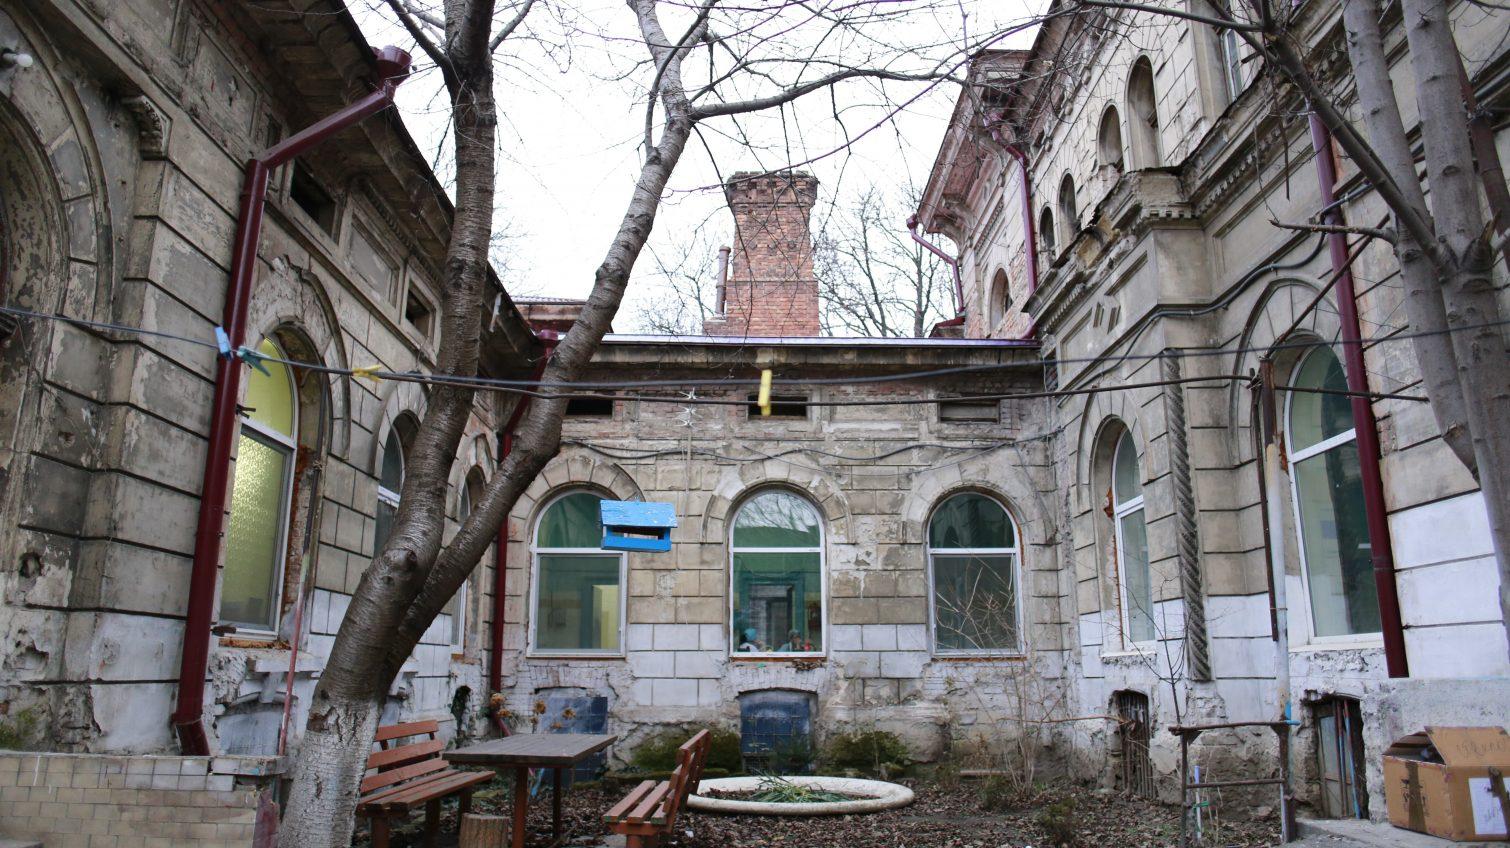 Еврейская больница: борьба между обновлением и разрухой в одной из старейших больниц города (фоторепортаж) «фото»